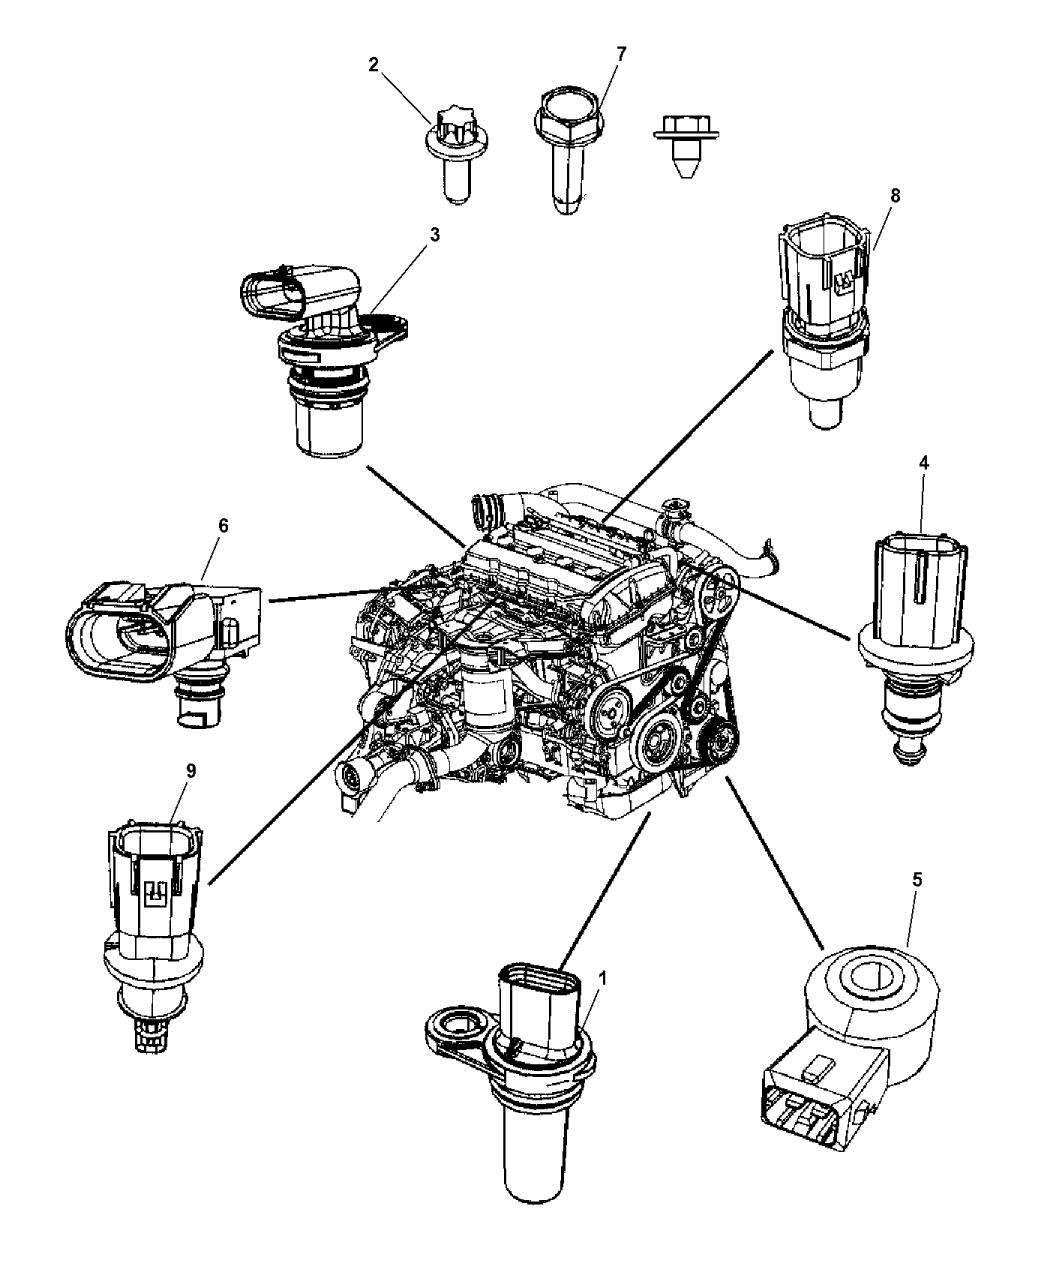 2008 jeep compass sensors - engine